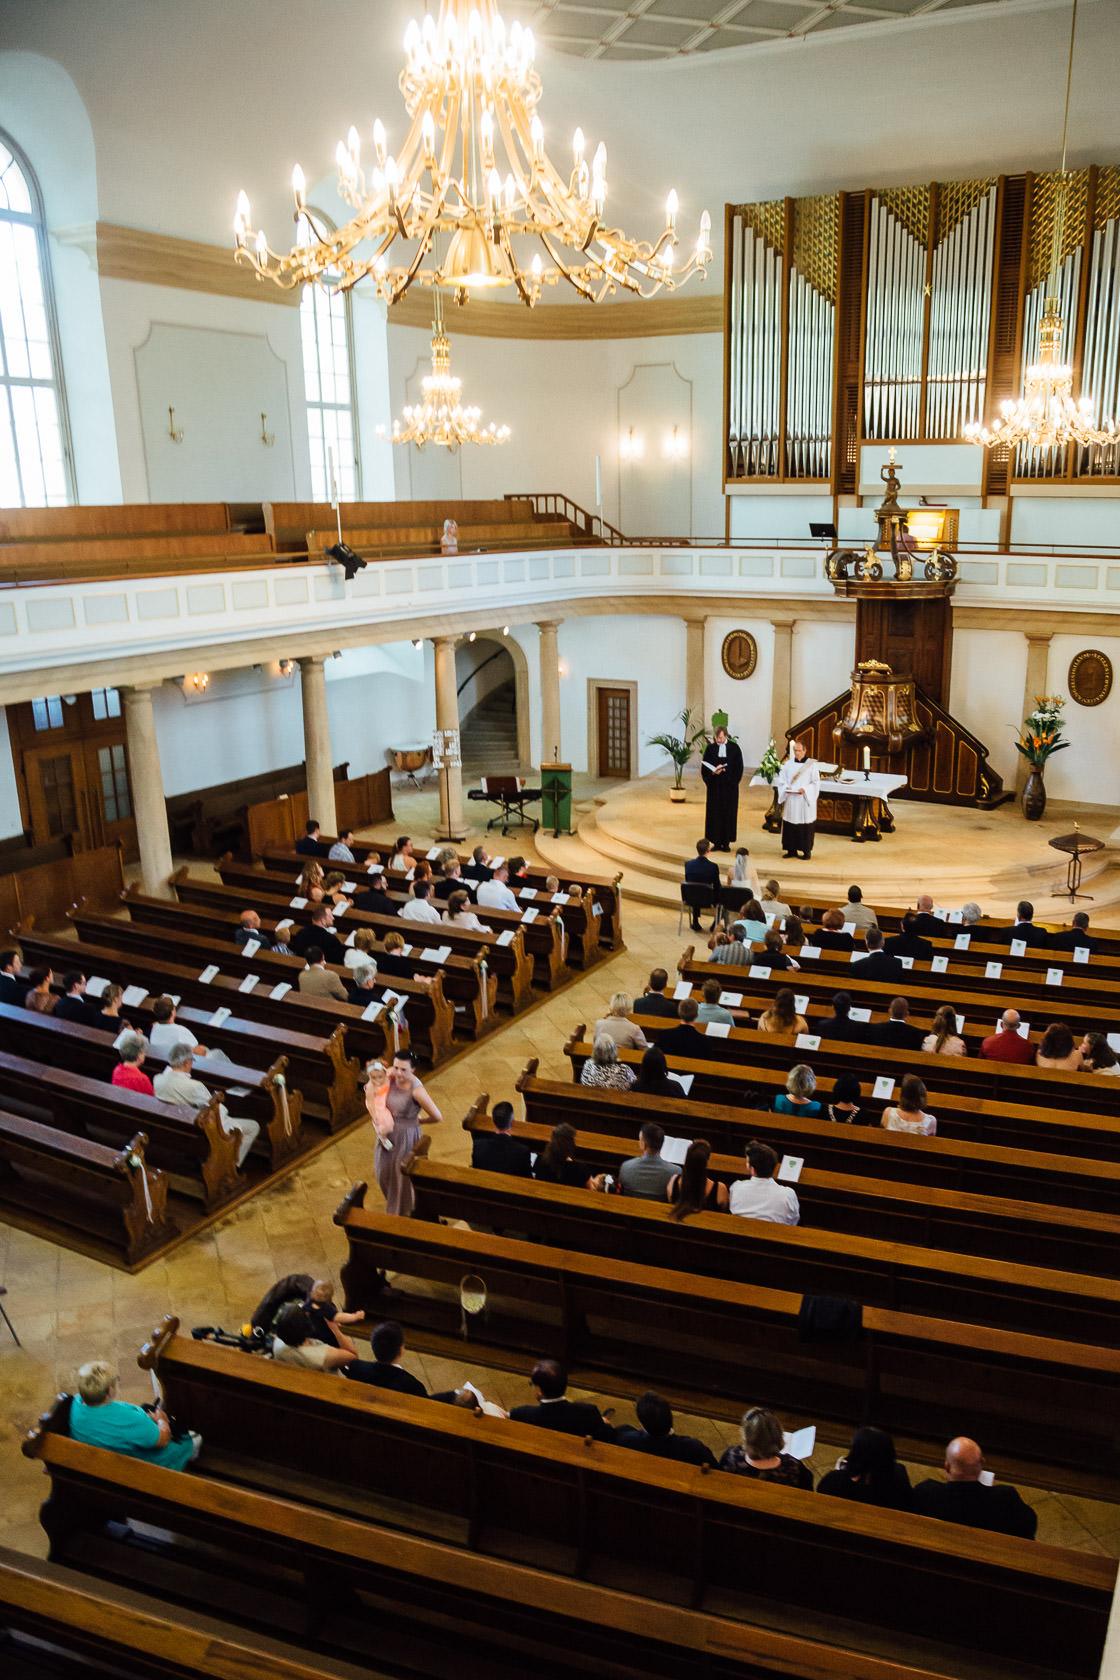 Hochzeit von Carmen und Dirk in Bad Kreuznach Trauung in der Pauluskirche